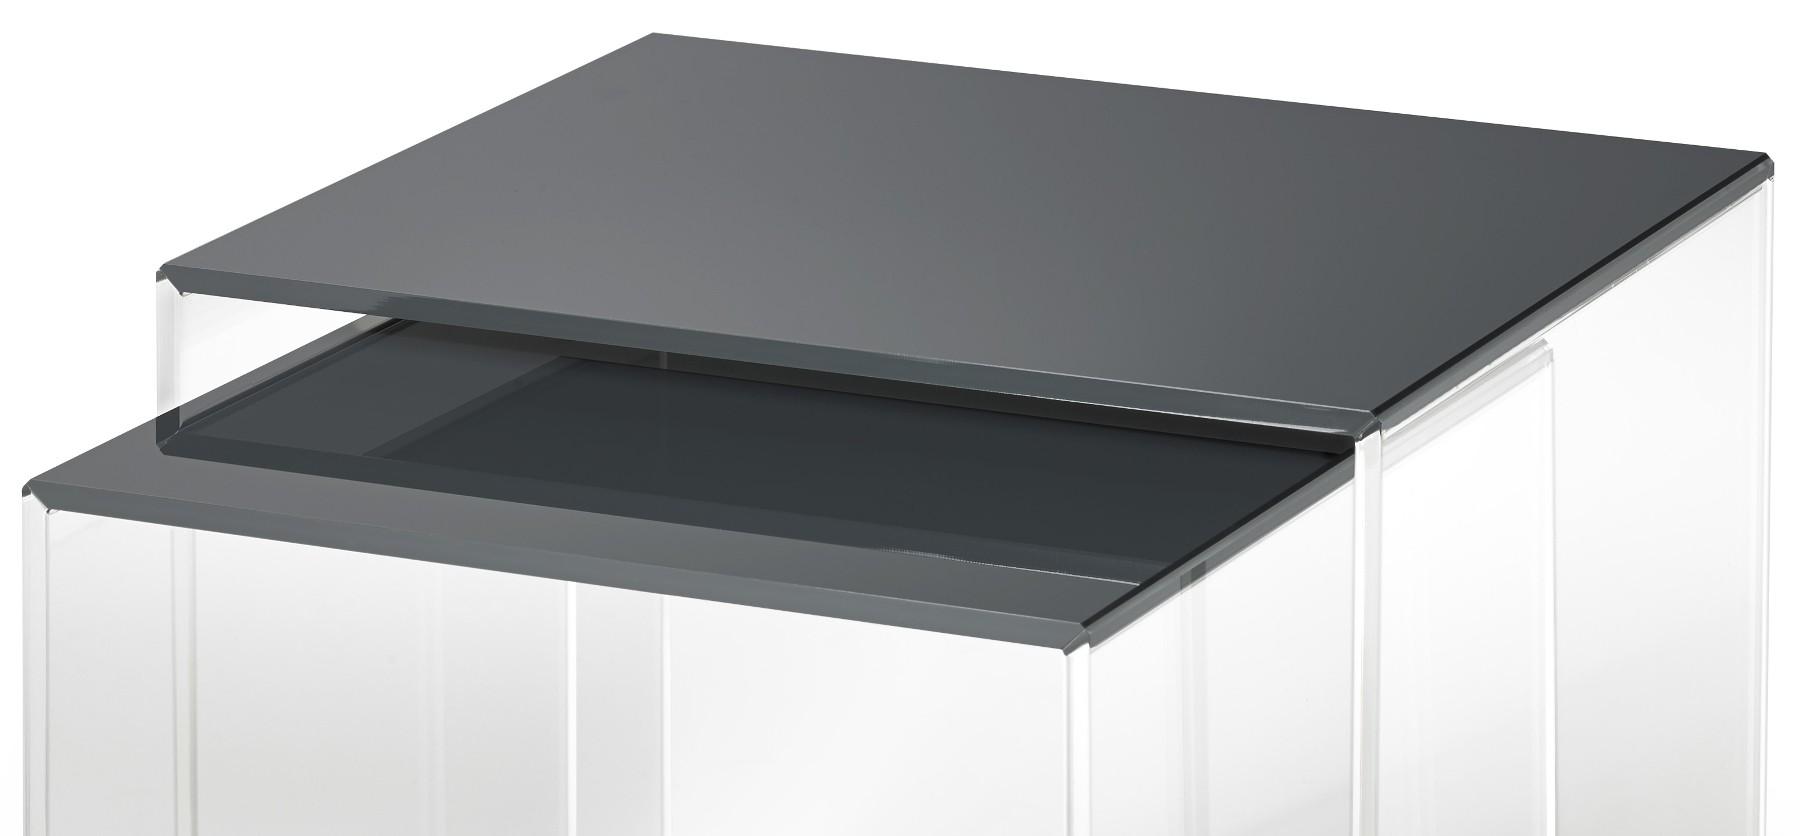 beistelltische vegas acrylglas tische aus acryl transparent anthrazit ebay. Black Bedroom Furniture Sets. Home Design Ideas